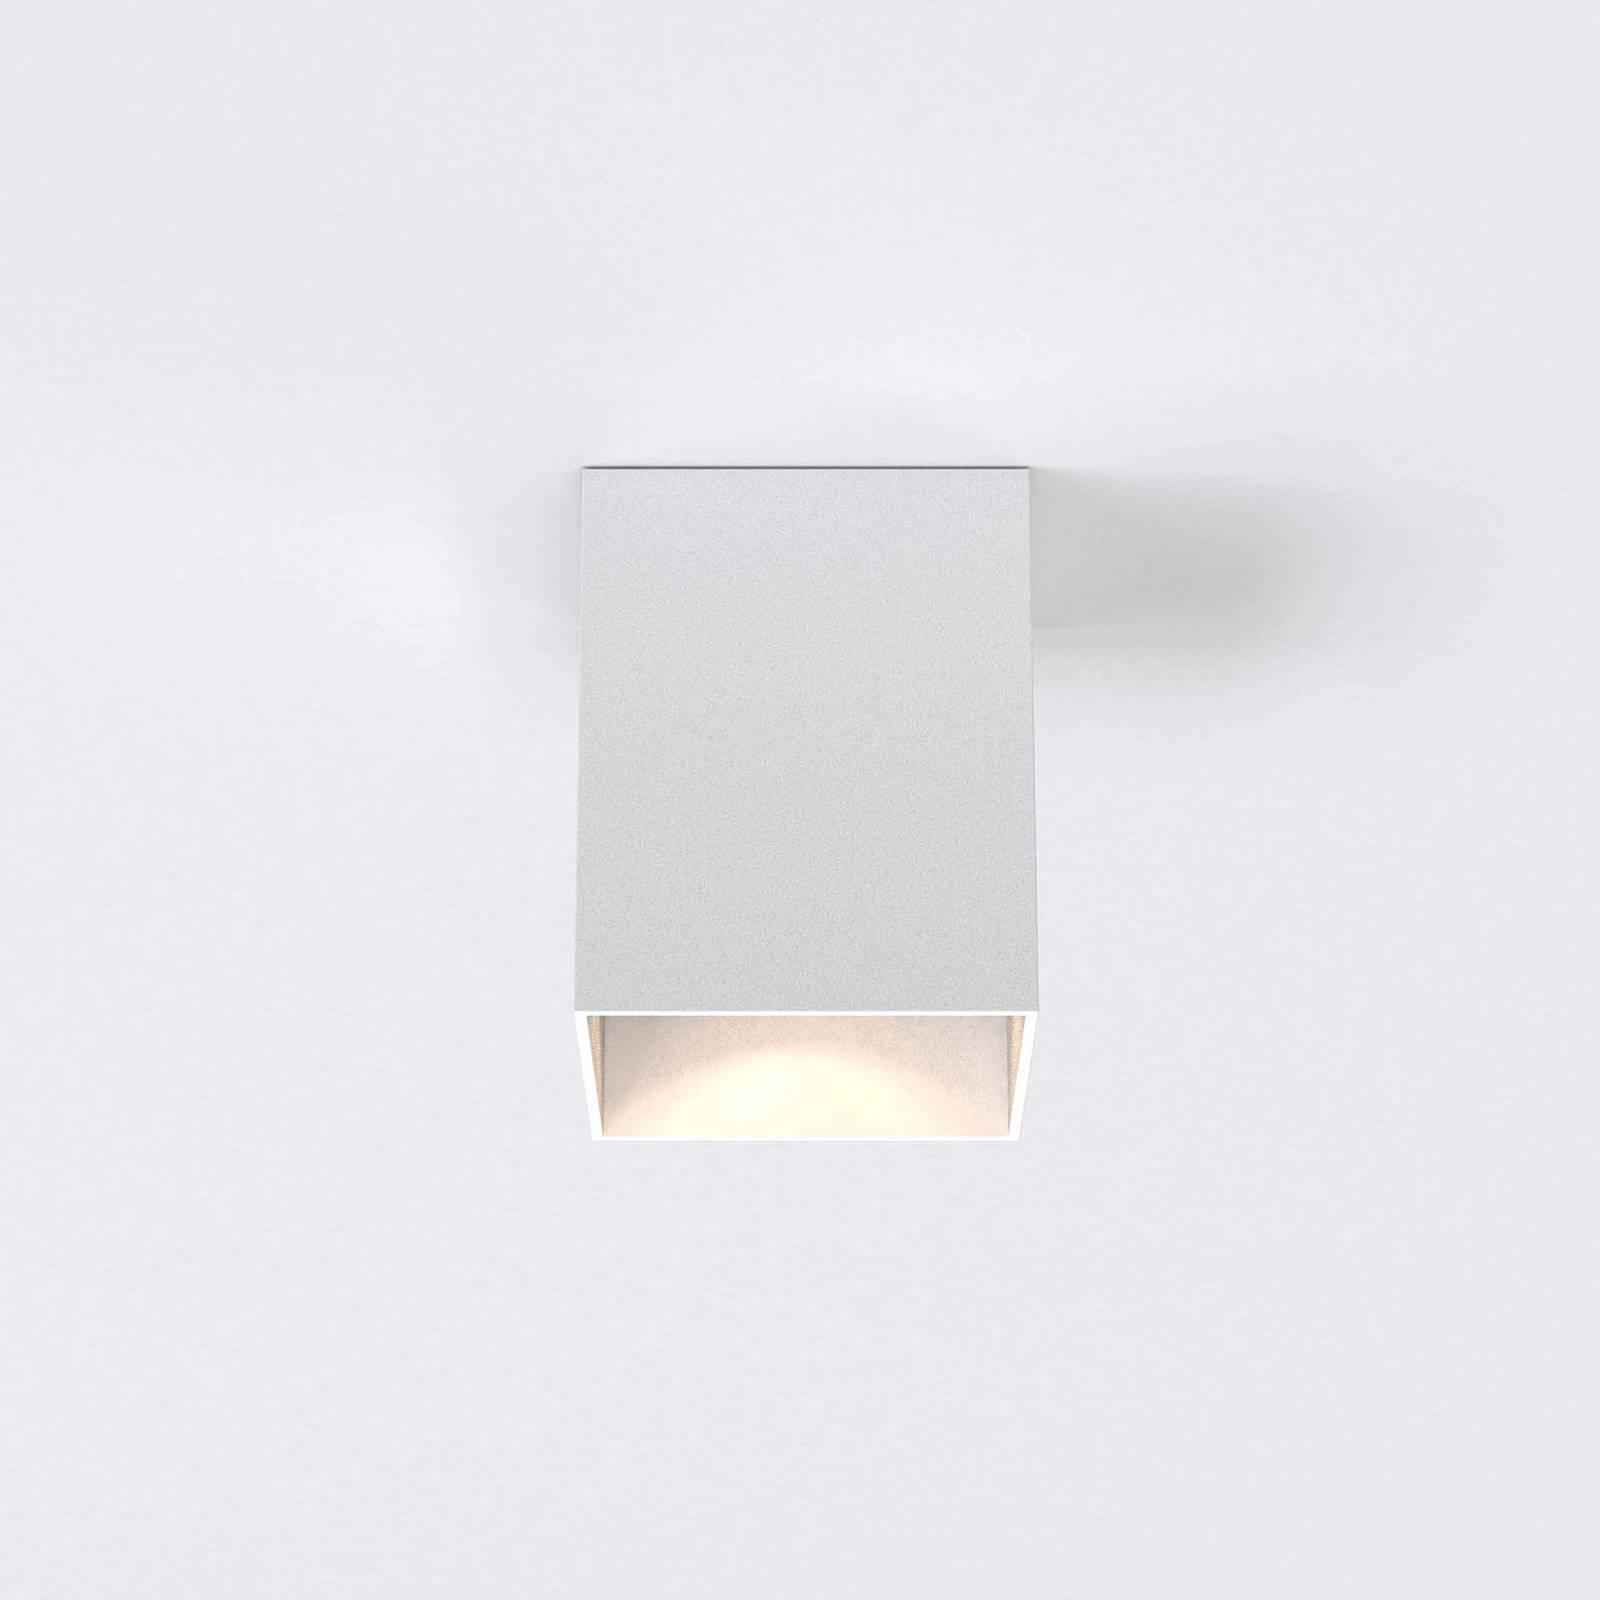 Astro Kinzo 140 -LED-kattovalaisin, valkoinen